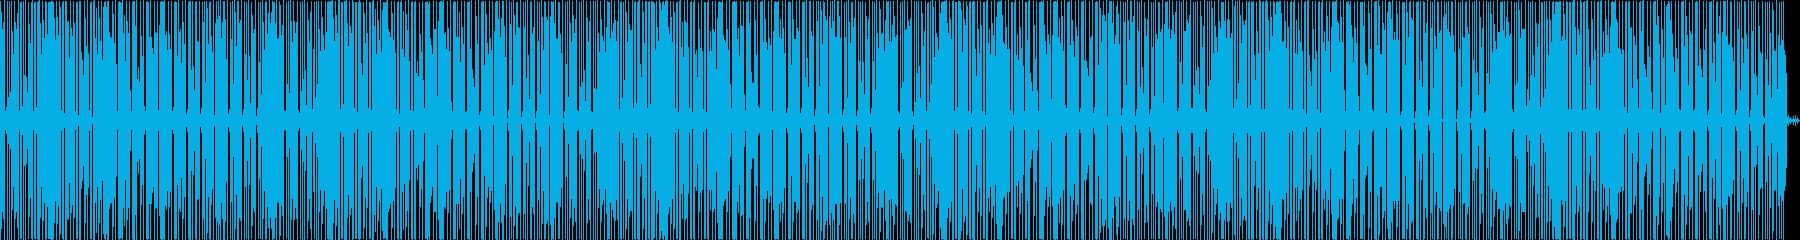 まったり、休日、LoFiヒップホップの再生済みの波形